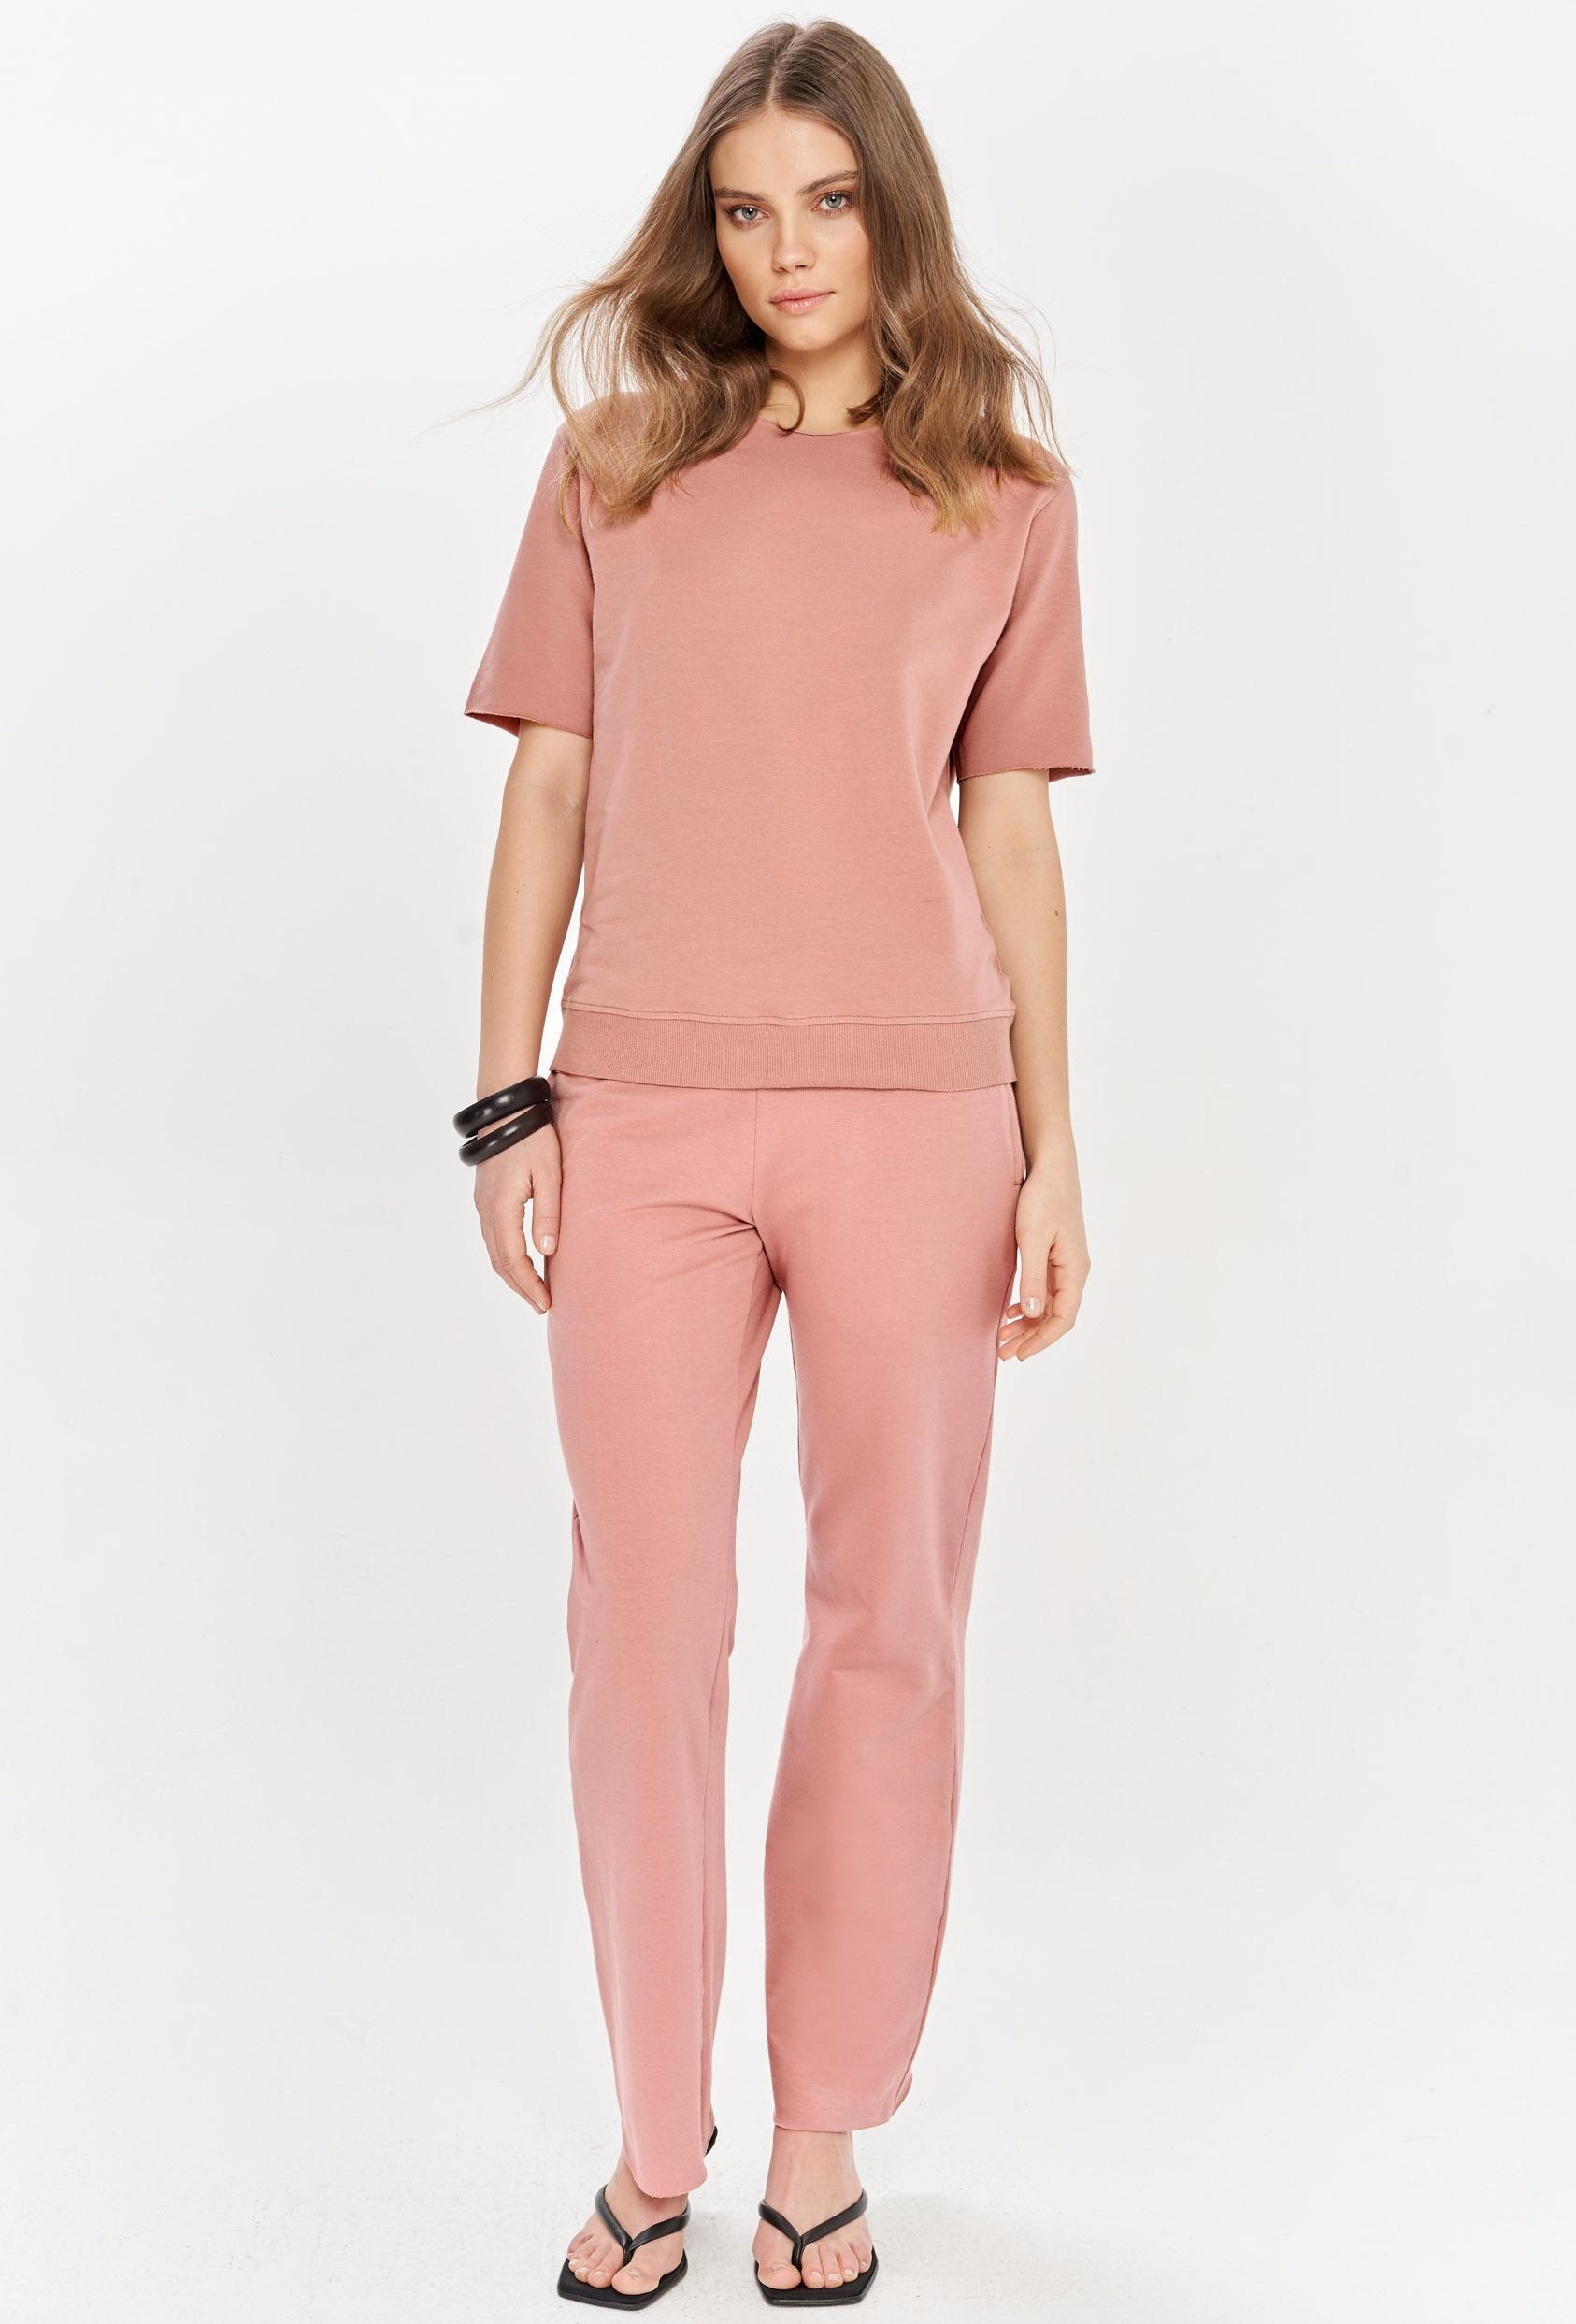 Spodnie bawełniane LUCCA PANTS różowe